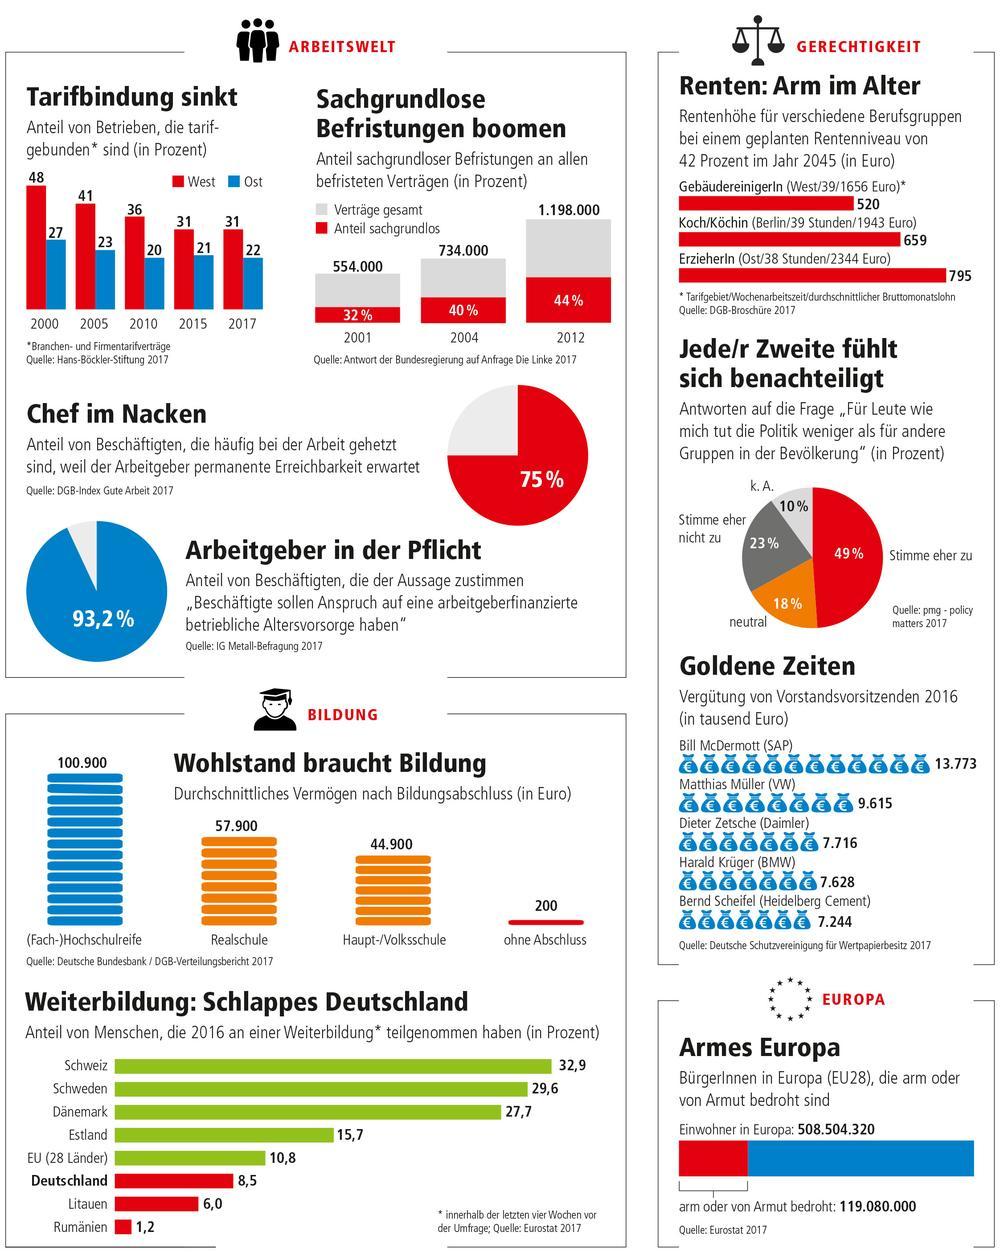 Infografik: So ungerecht ist Deutschland